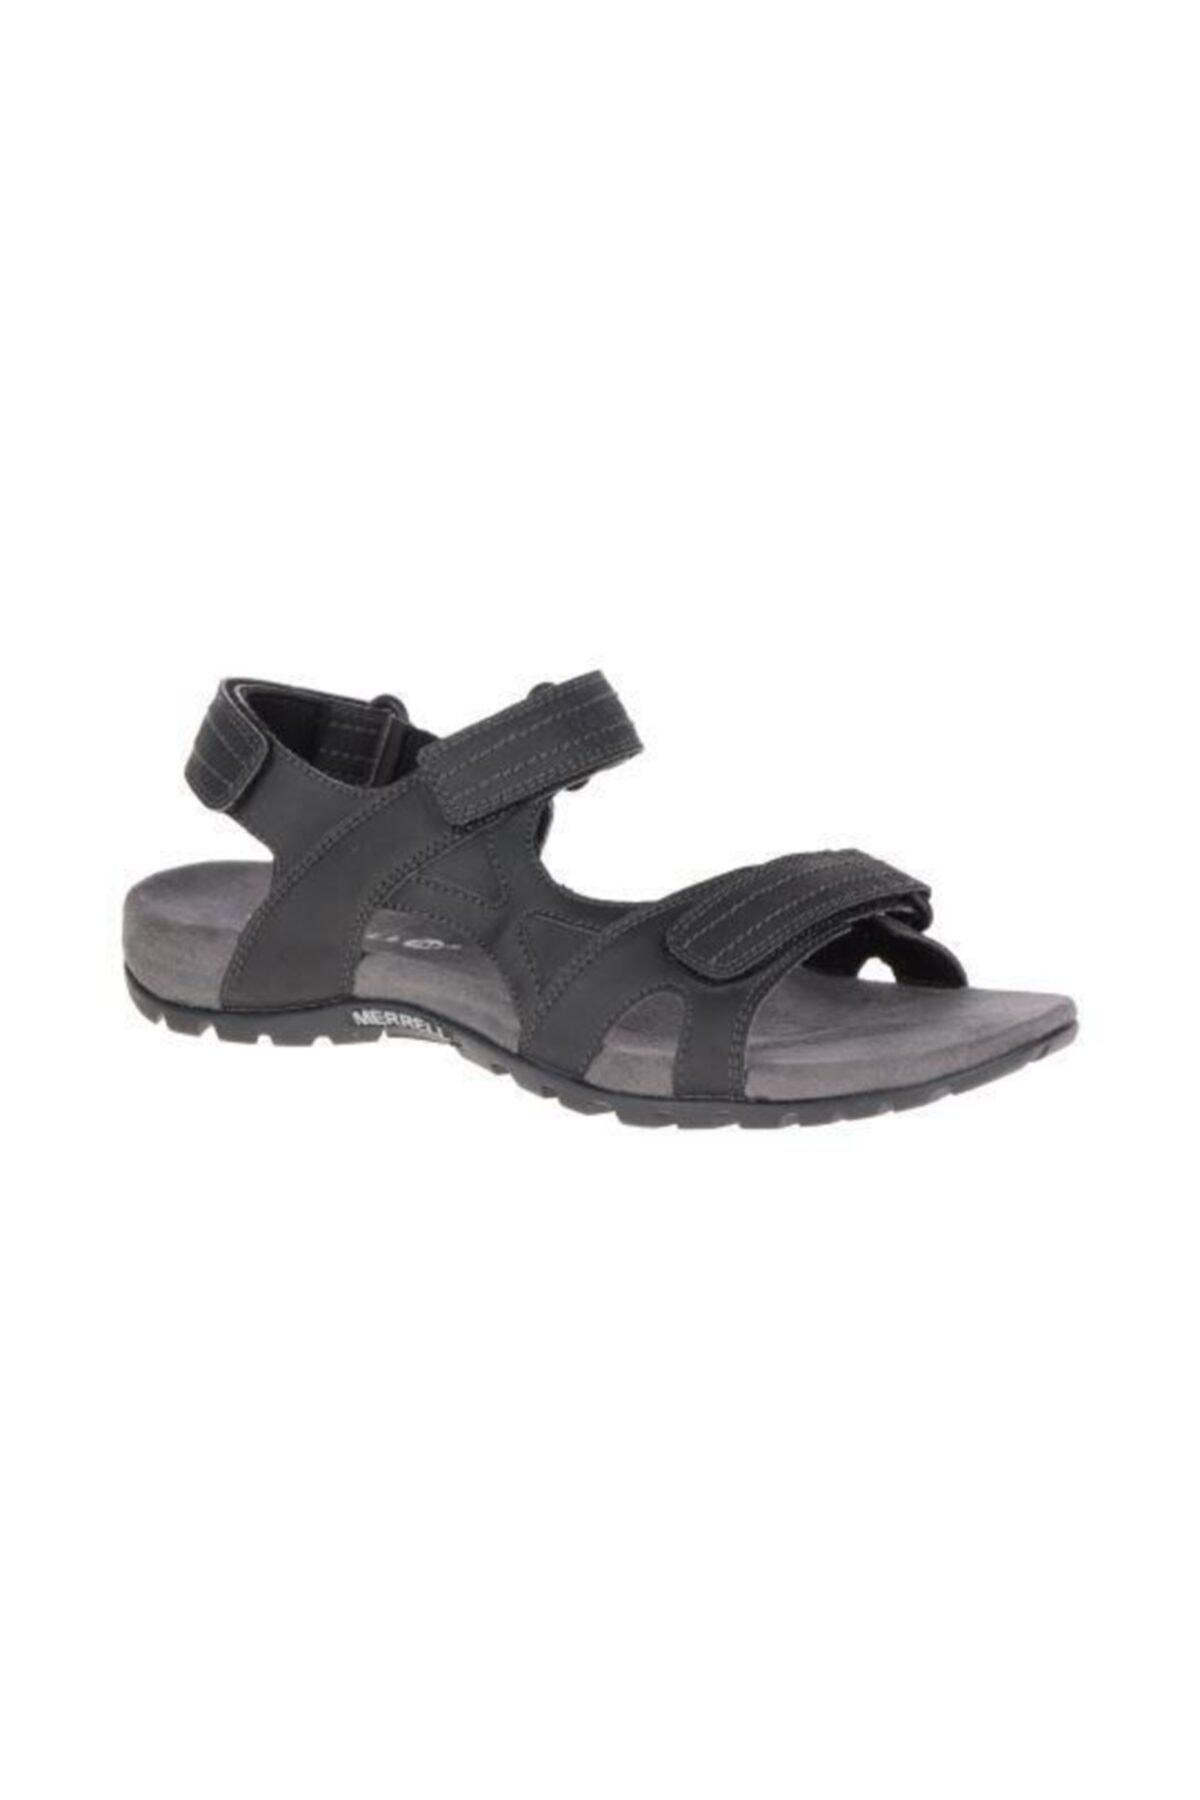 Merrell Erkek Sandalet Sandspur Rift Strap Black J342315c 1